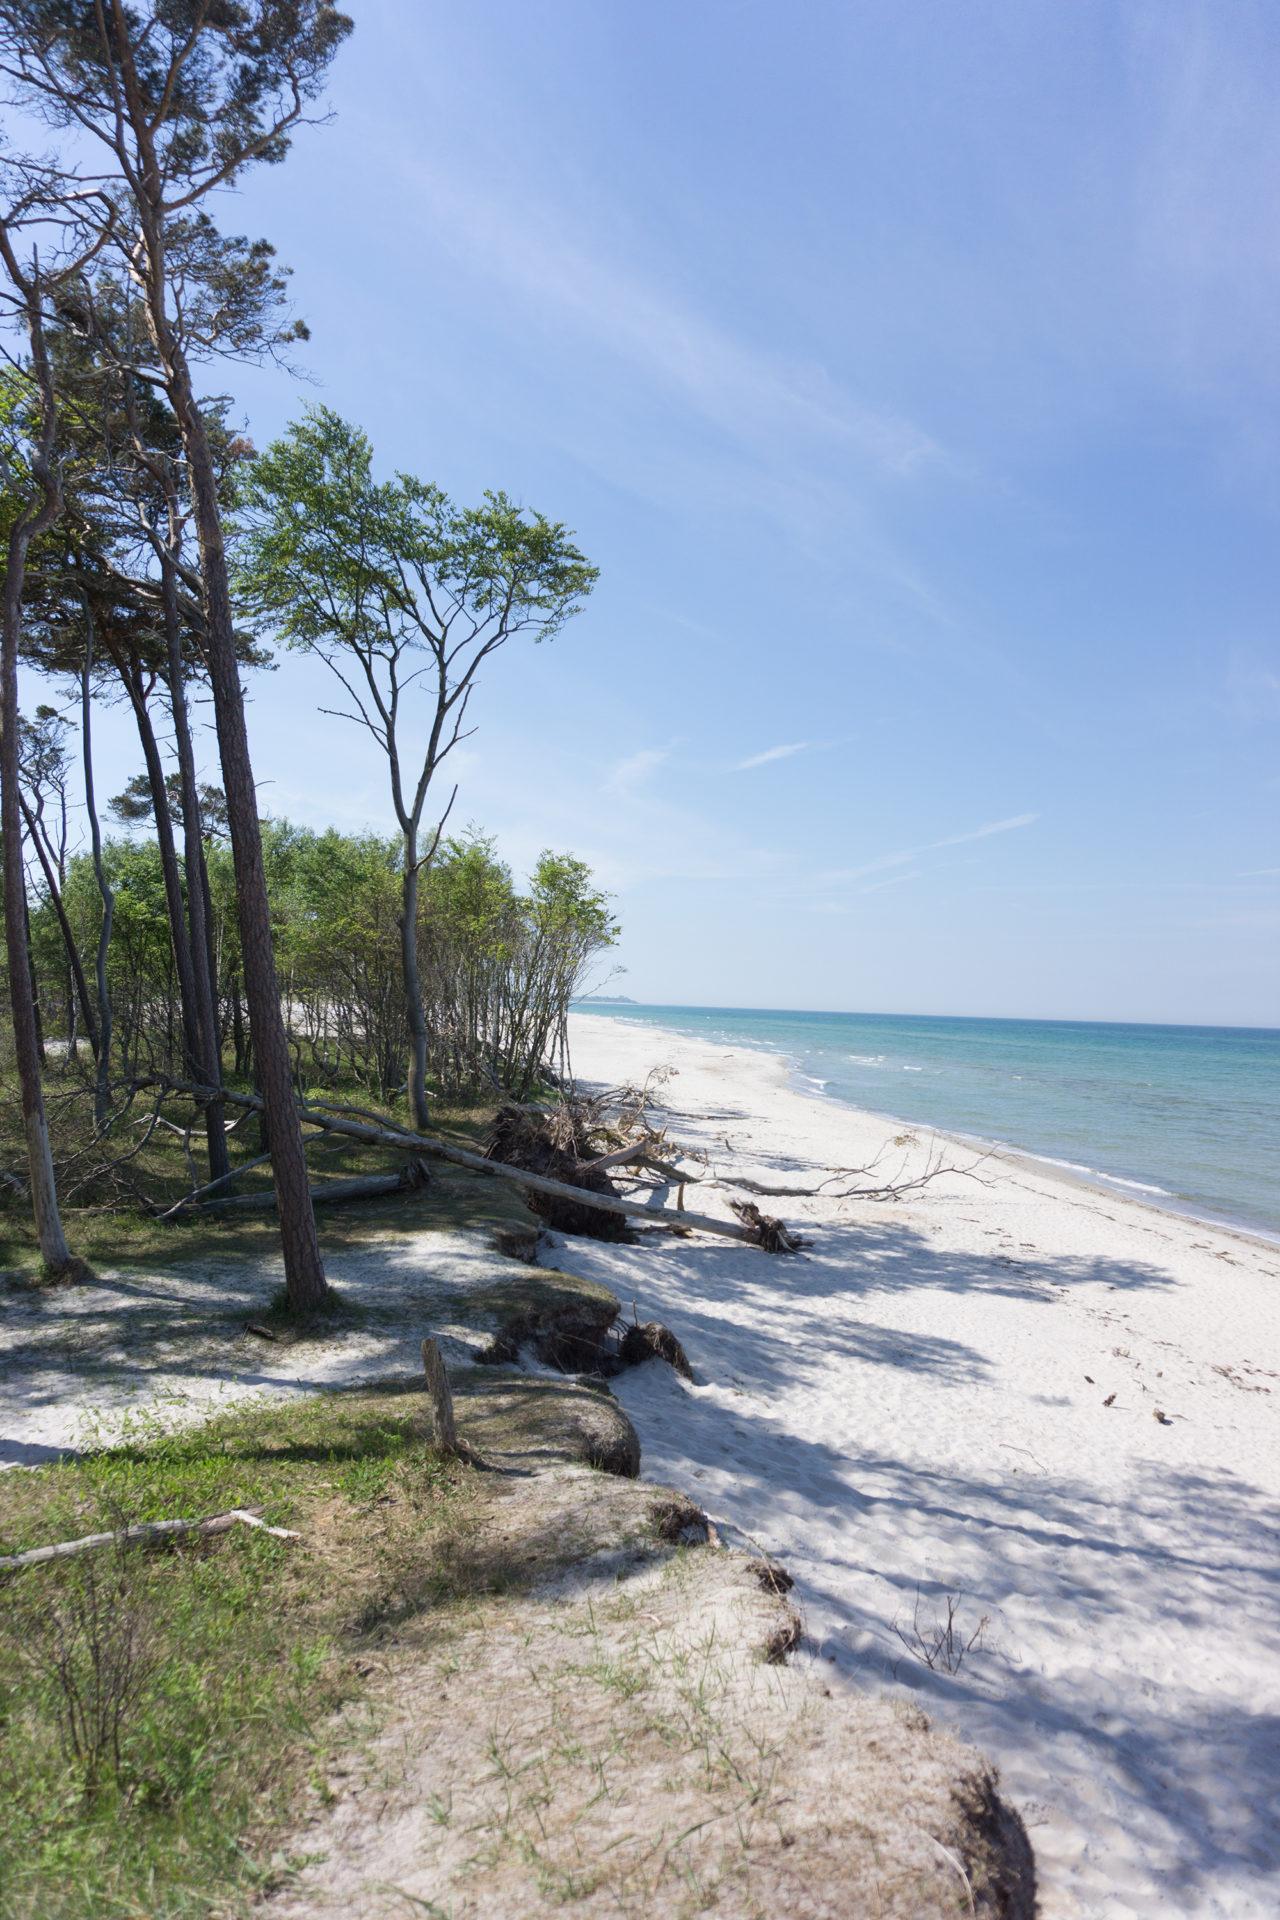 Wälder an der Küste im Klimwandel